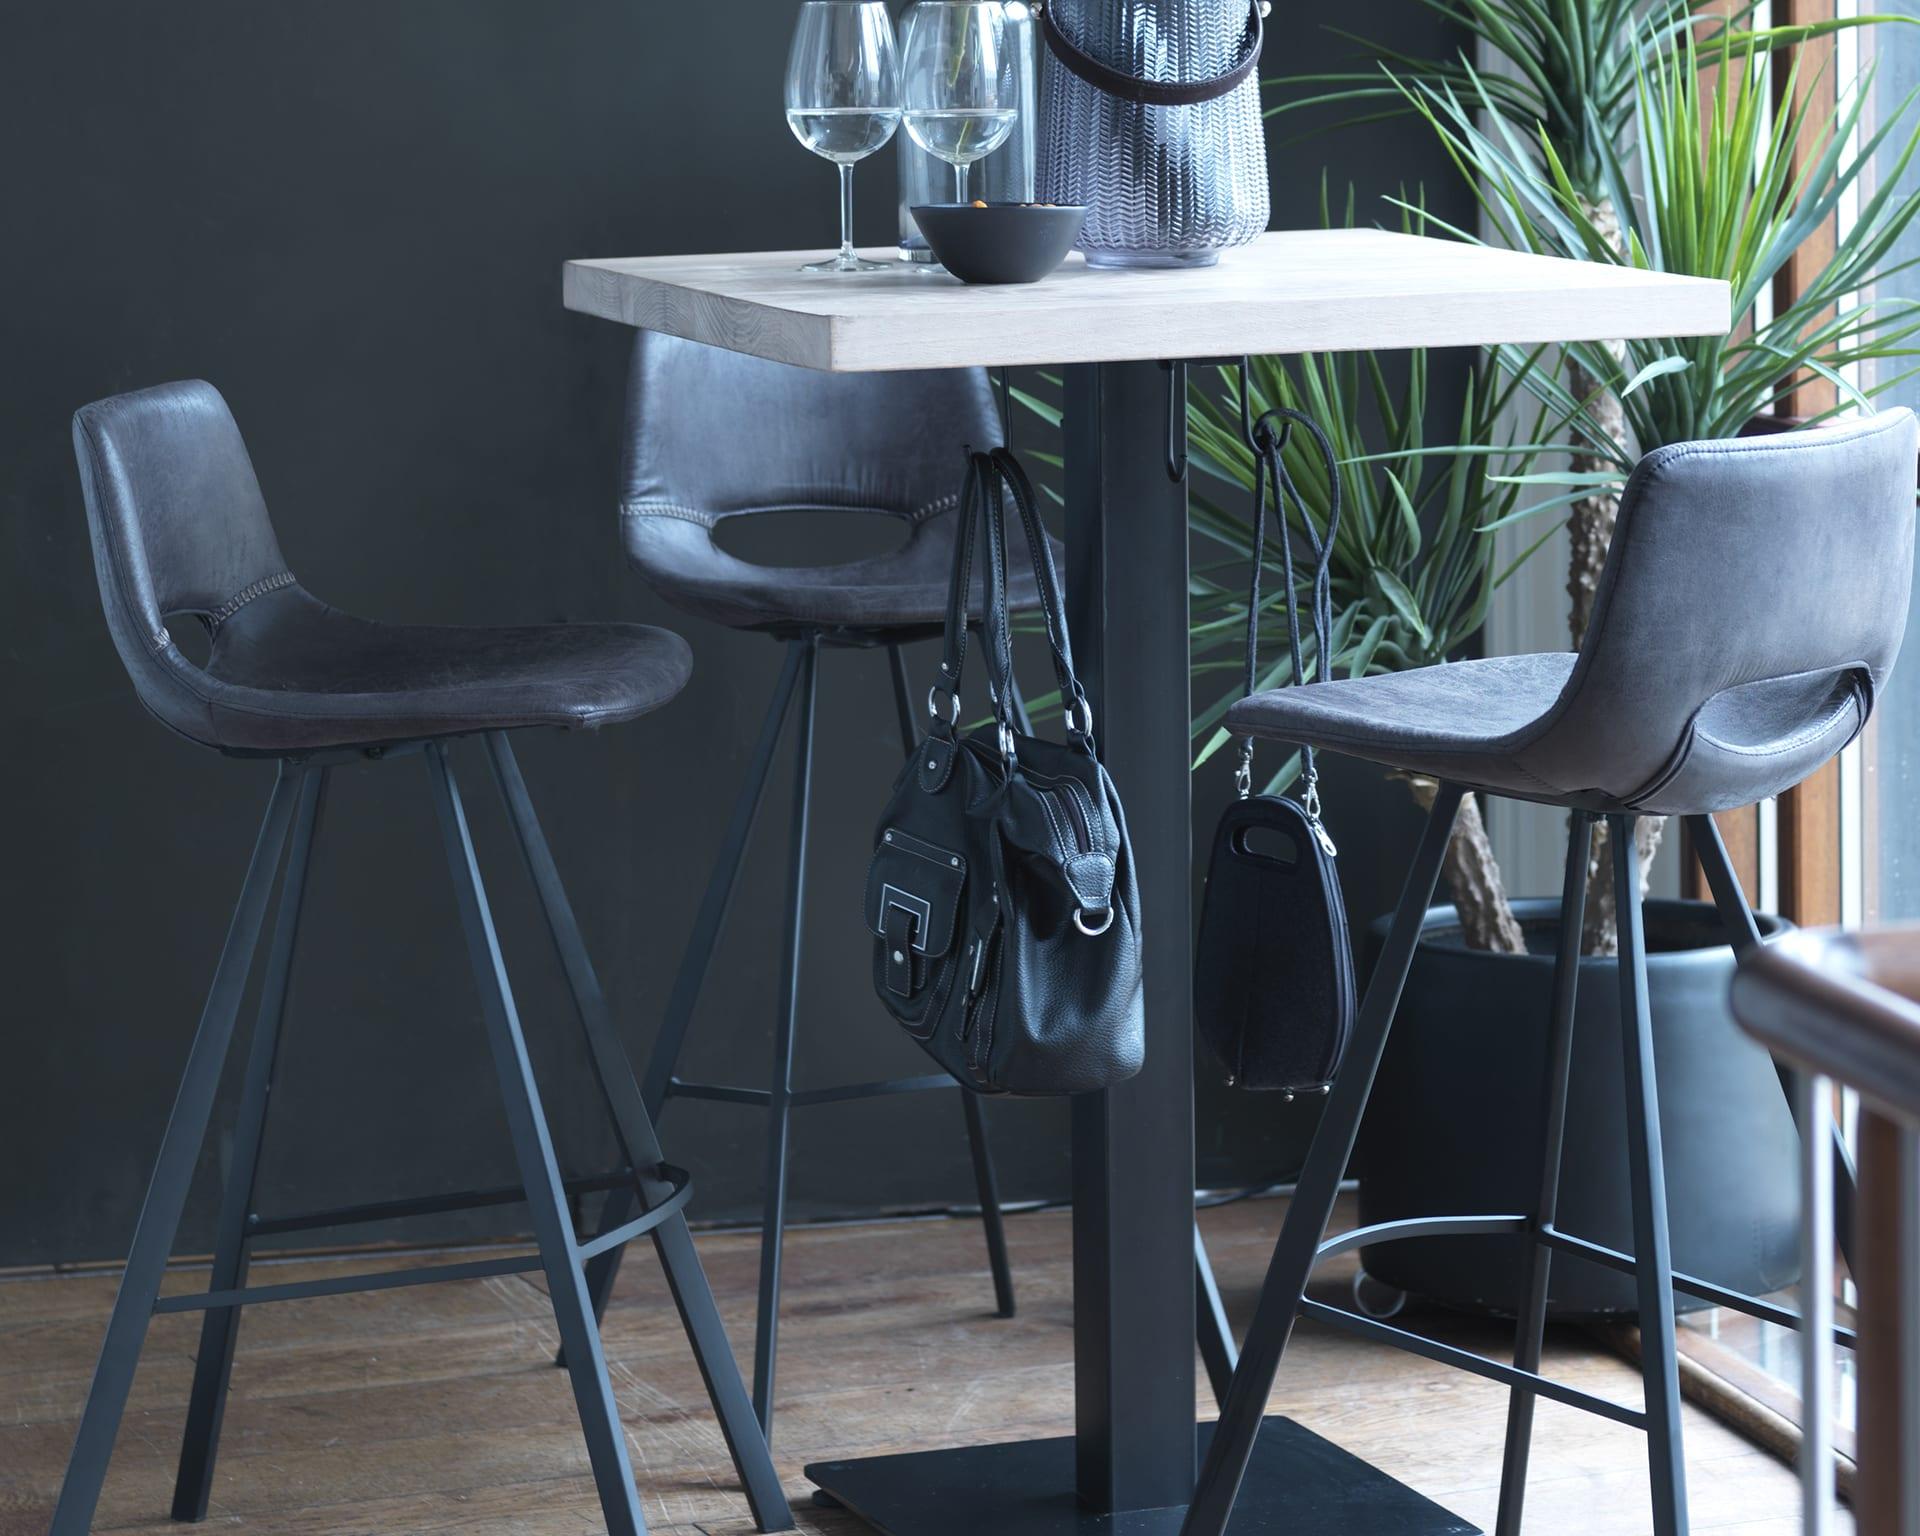 Barstole til dit køkken forskellige modeller AUBO